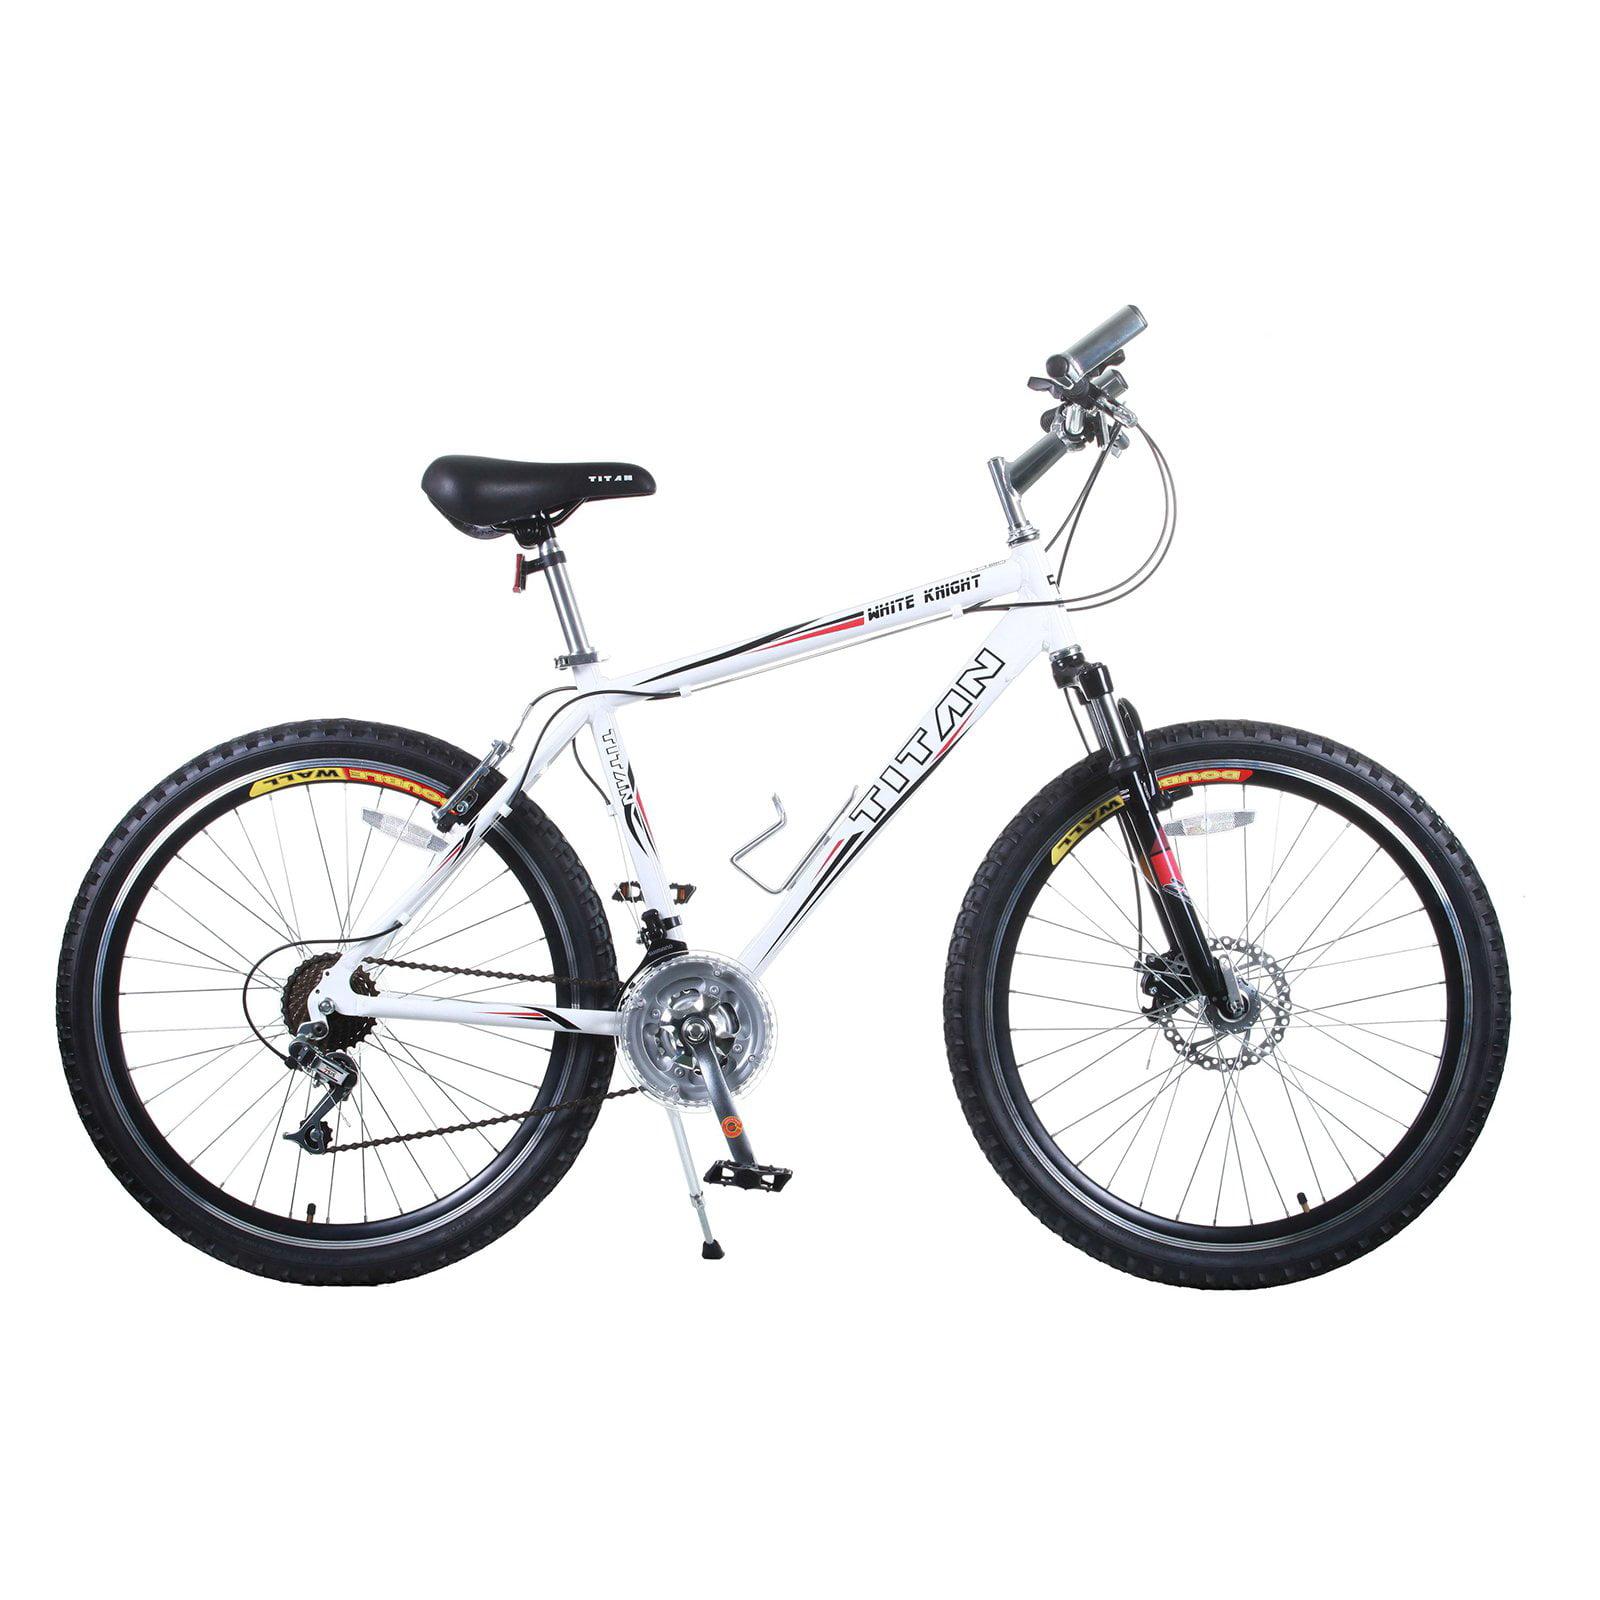 Titan White Knight Fully Alloy Men's All-Terrain Mountain Bike with Disc Brake